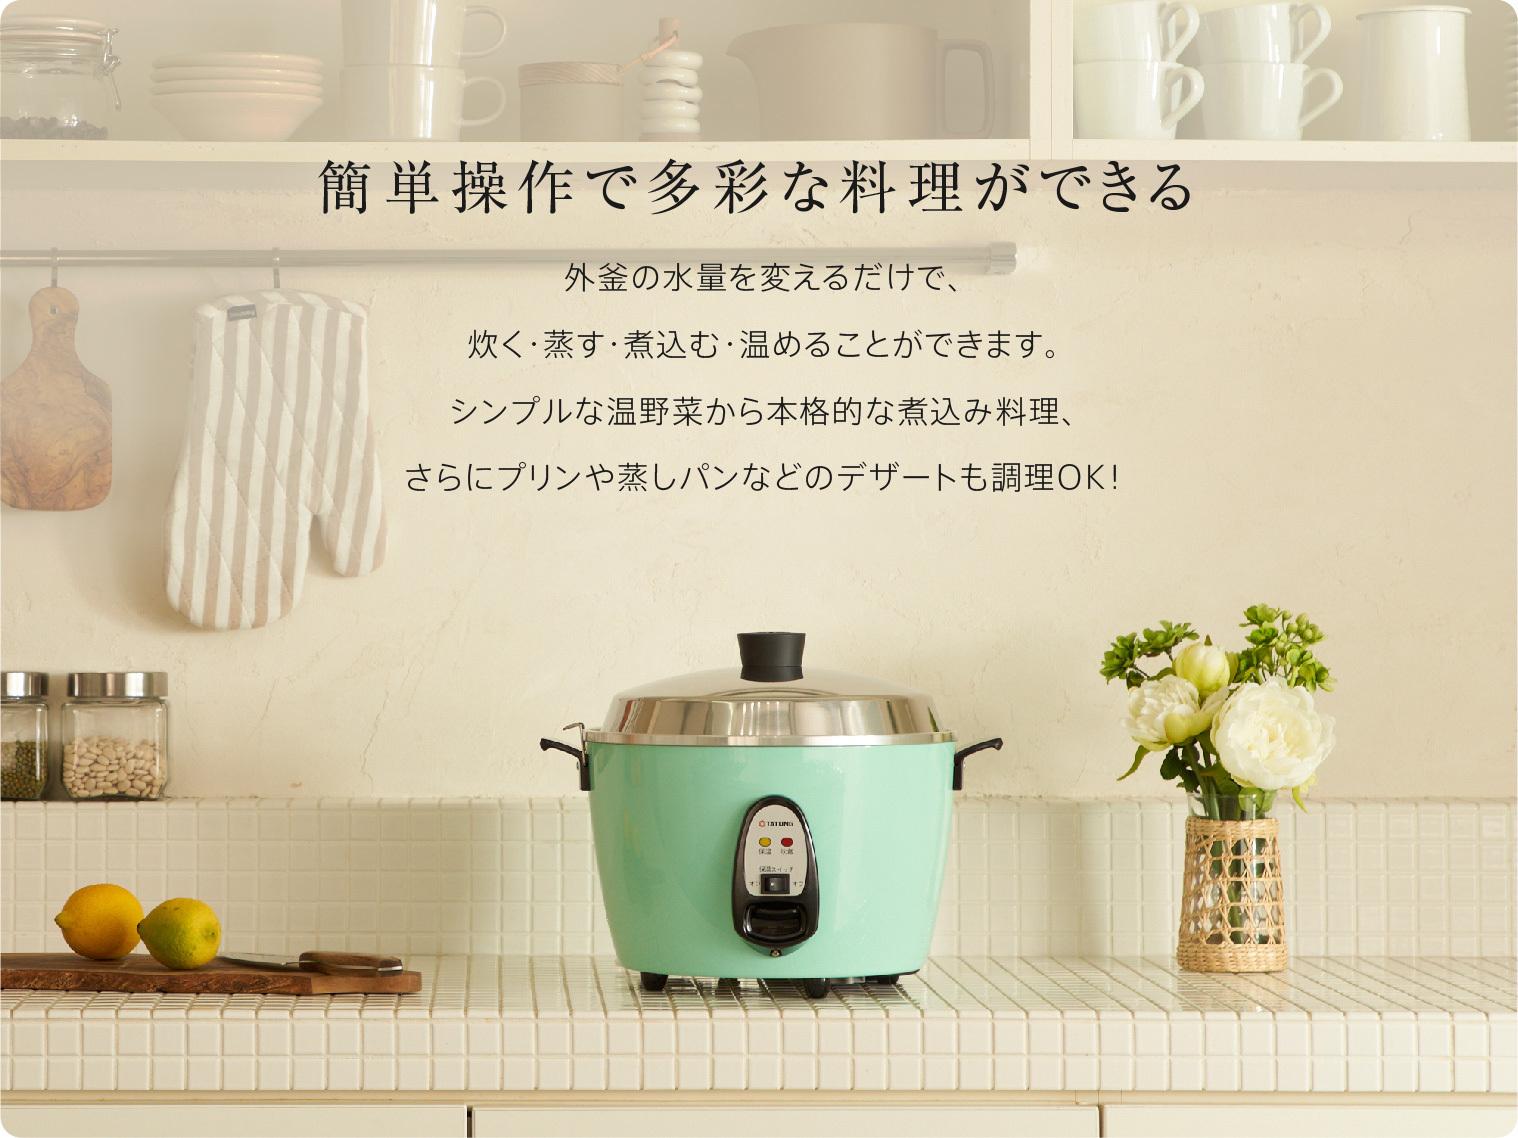 台湾を代表する万能調理家電水を注いでスイッチを押すだけで 炊く 2020秋冬新作 蒸す 煮込む 温める 10合 アクアブルー 外釜アルミ製 Lサイズ 大同電鍋公式販売店ー 大好評です